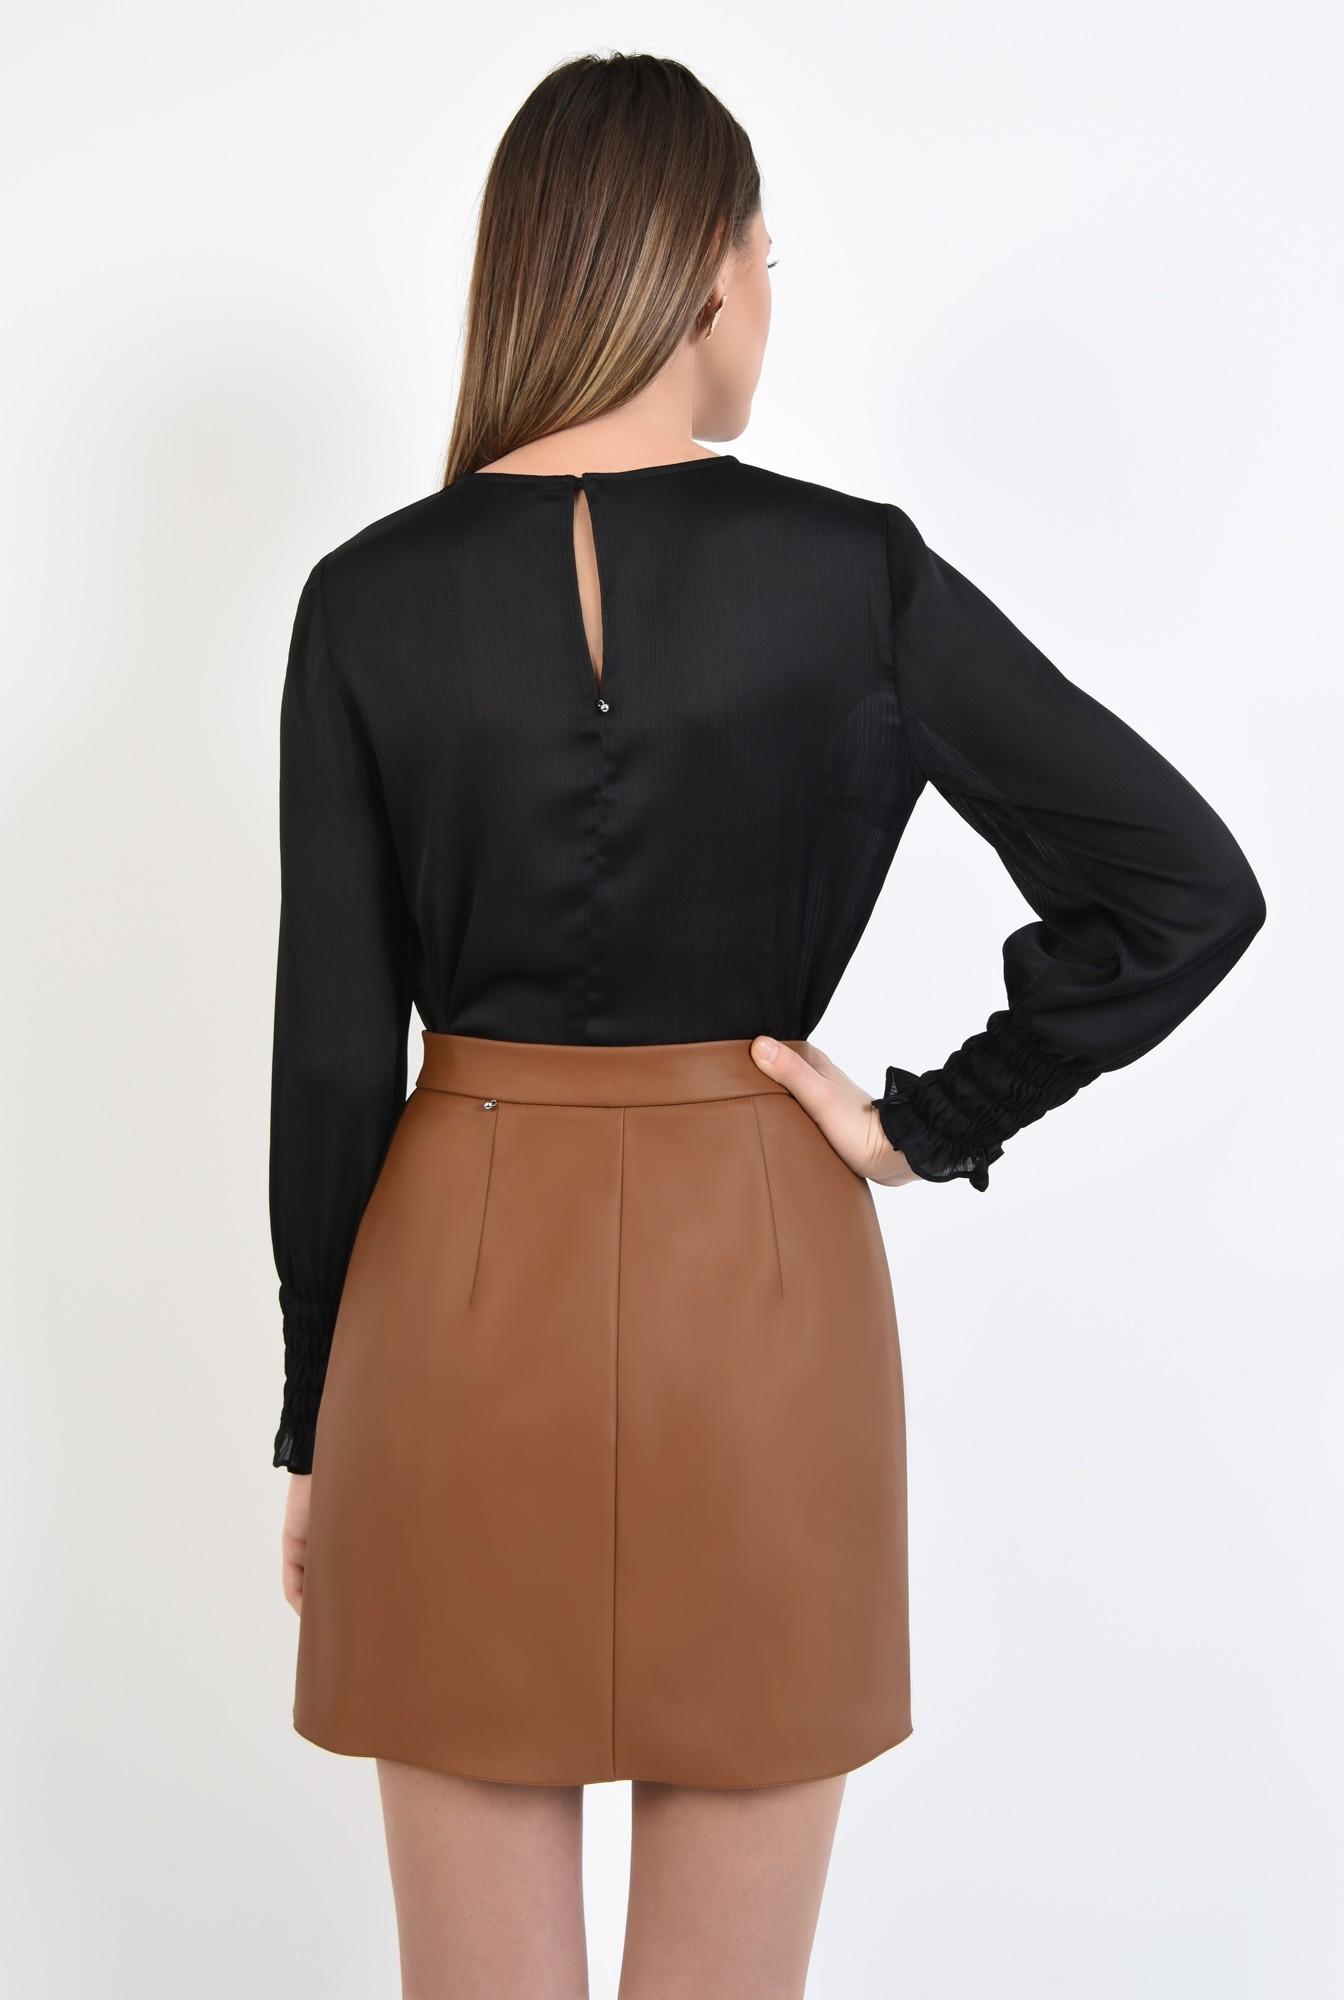 1 - 360 - bluza eleganta, din crep, tesatura texturata, bluza neagra, bluze online